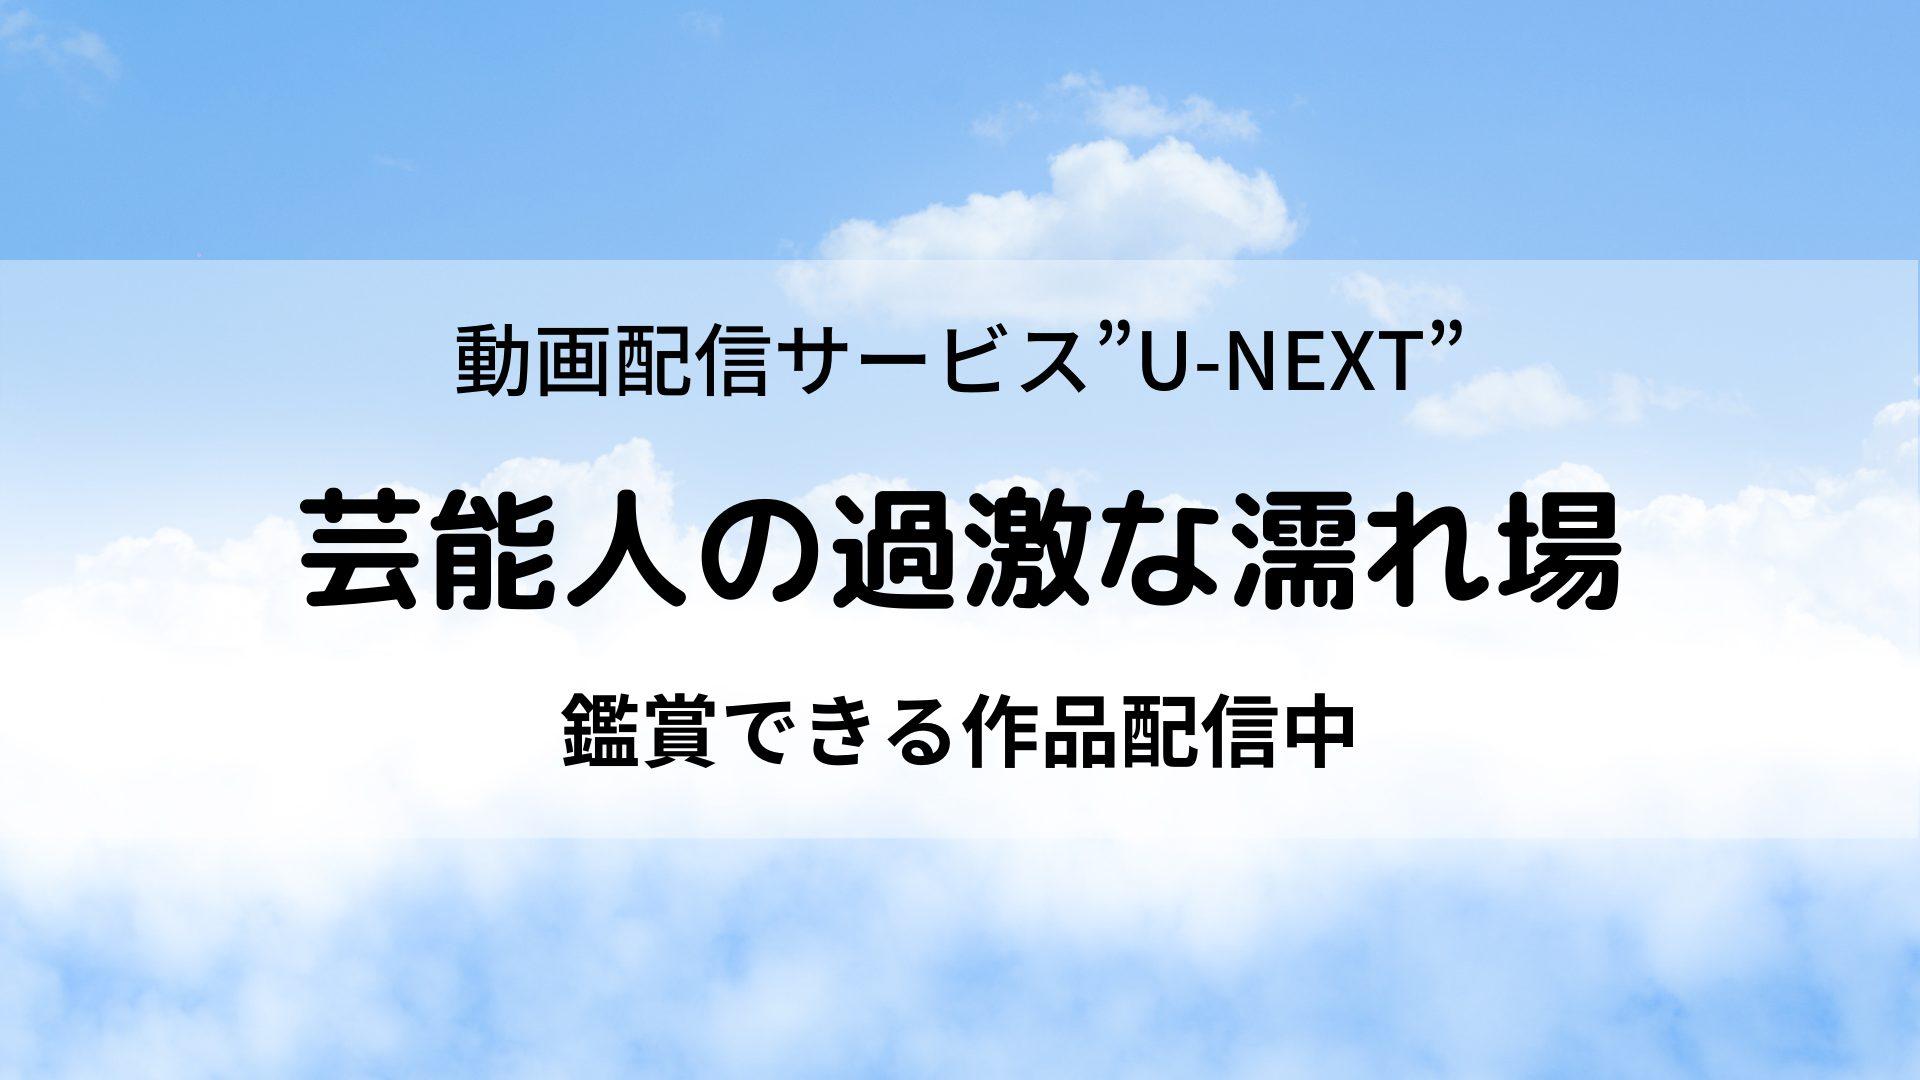 まじで!?芸能人の過激な濡れ場が見れる映画が動画配信サービス『U-NEXT』で配信中!